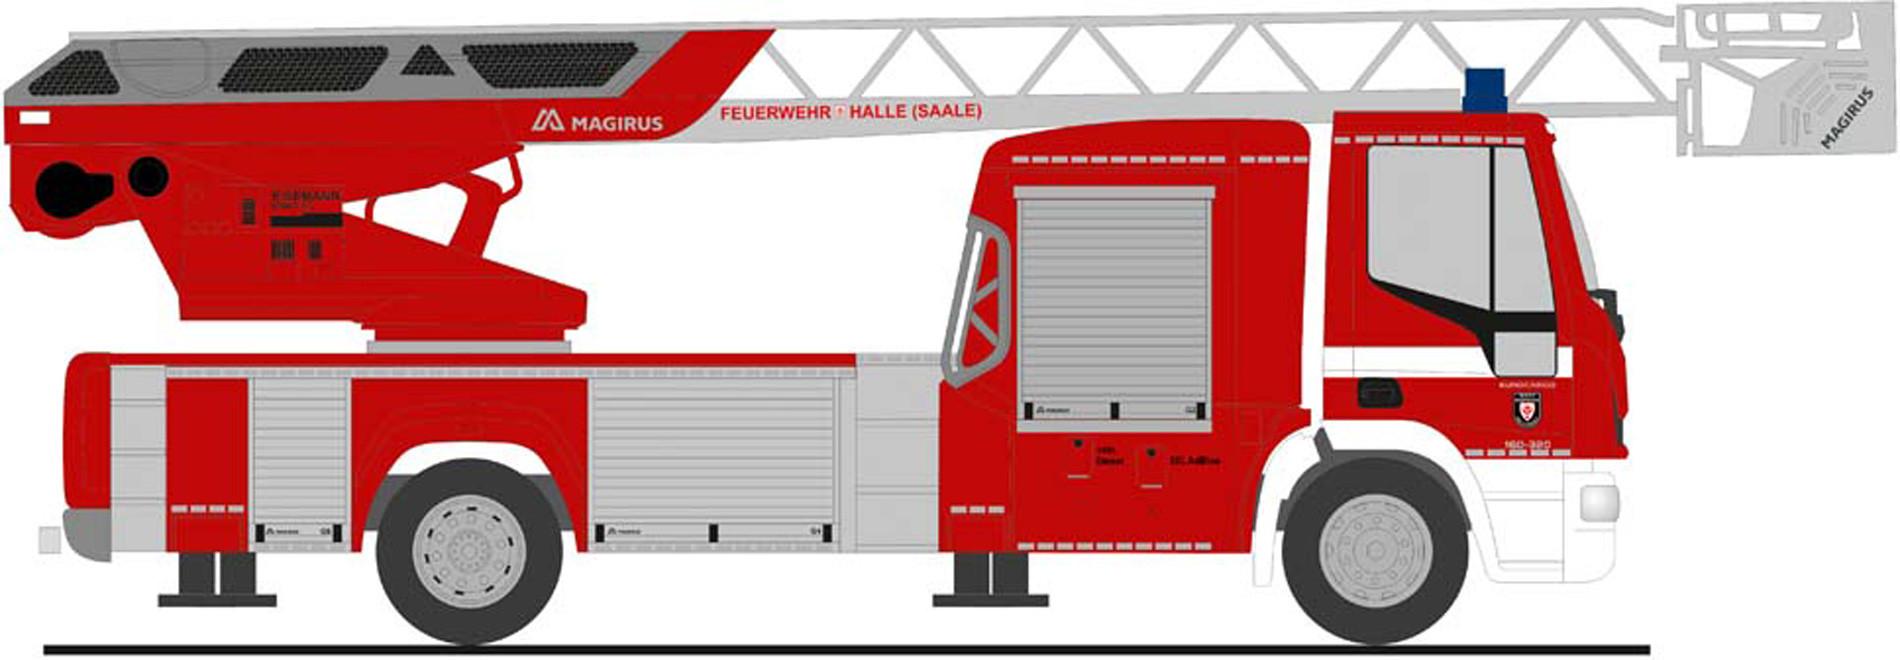 """Rietze IVECO DLK L32 `18 """" Feuerwehr Halle / Saale """", NH Herbst 2020,(Vorbestellung / Modell noch nicht lieferbar !!!)"""